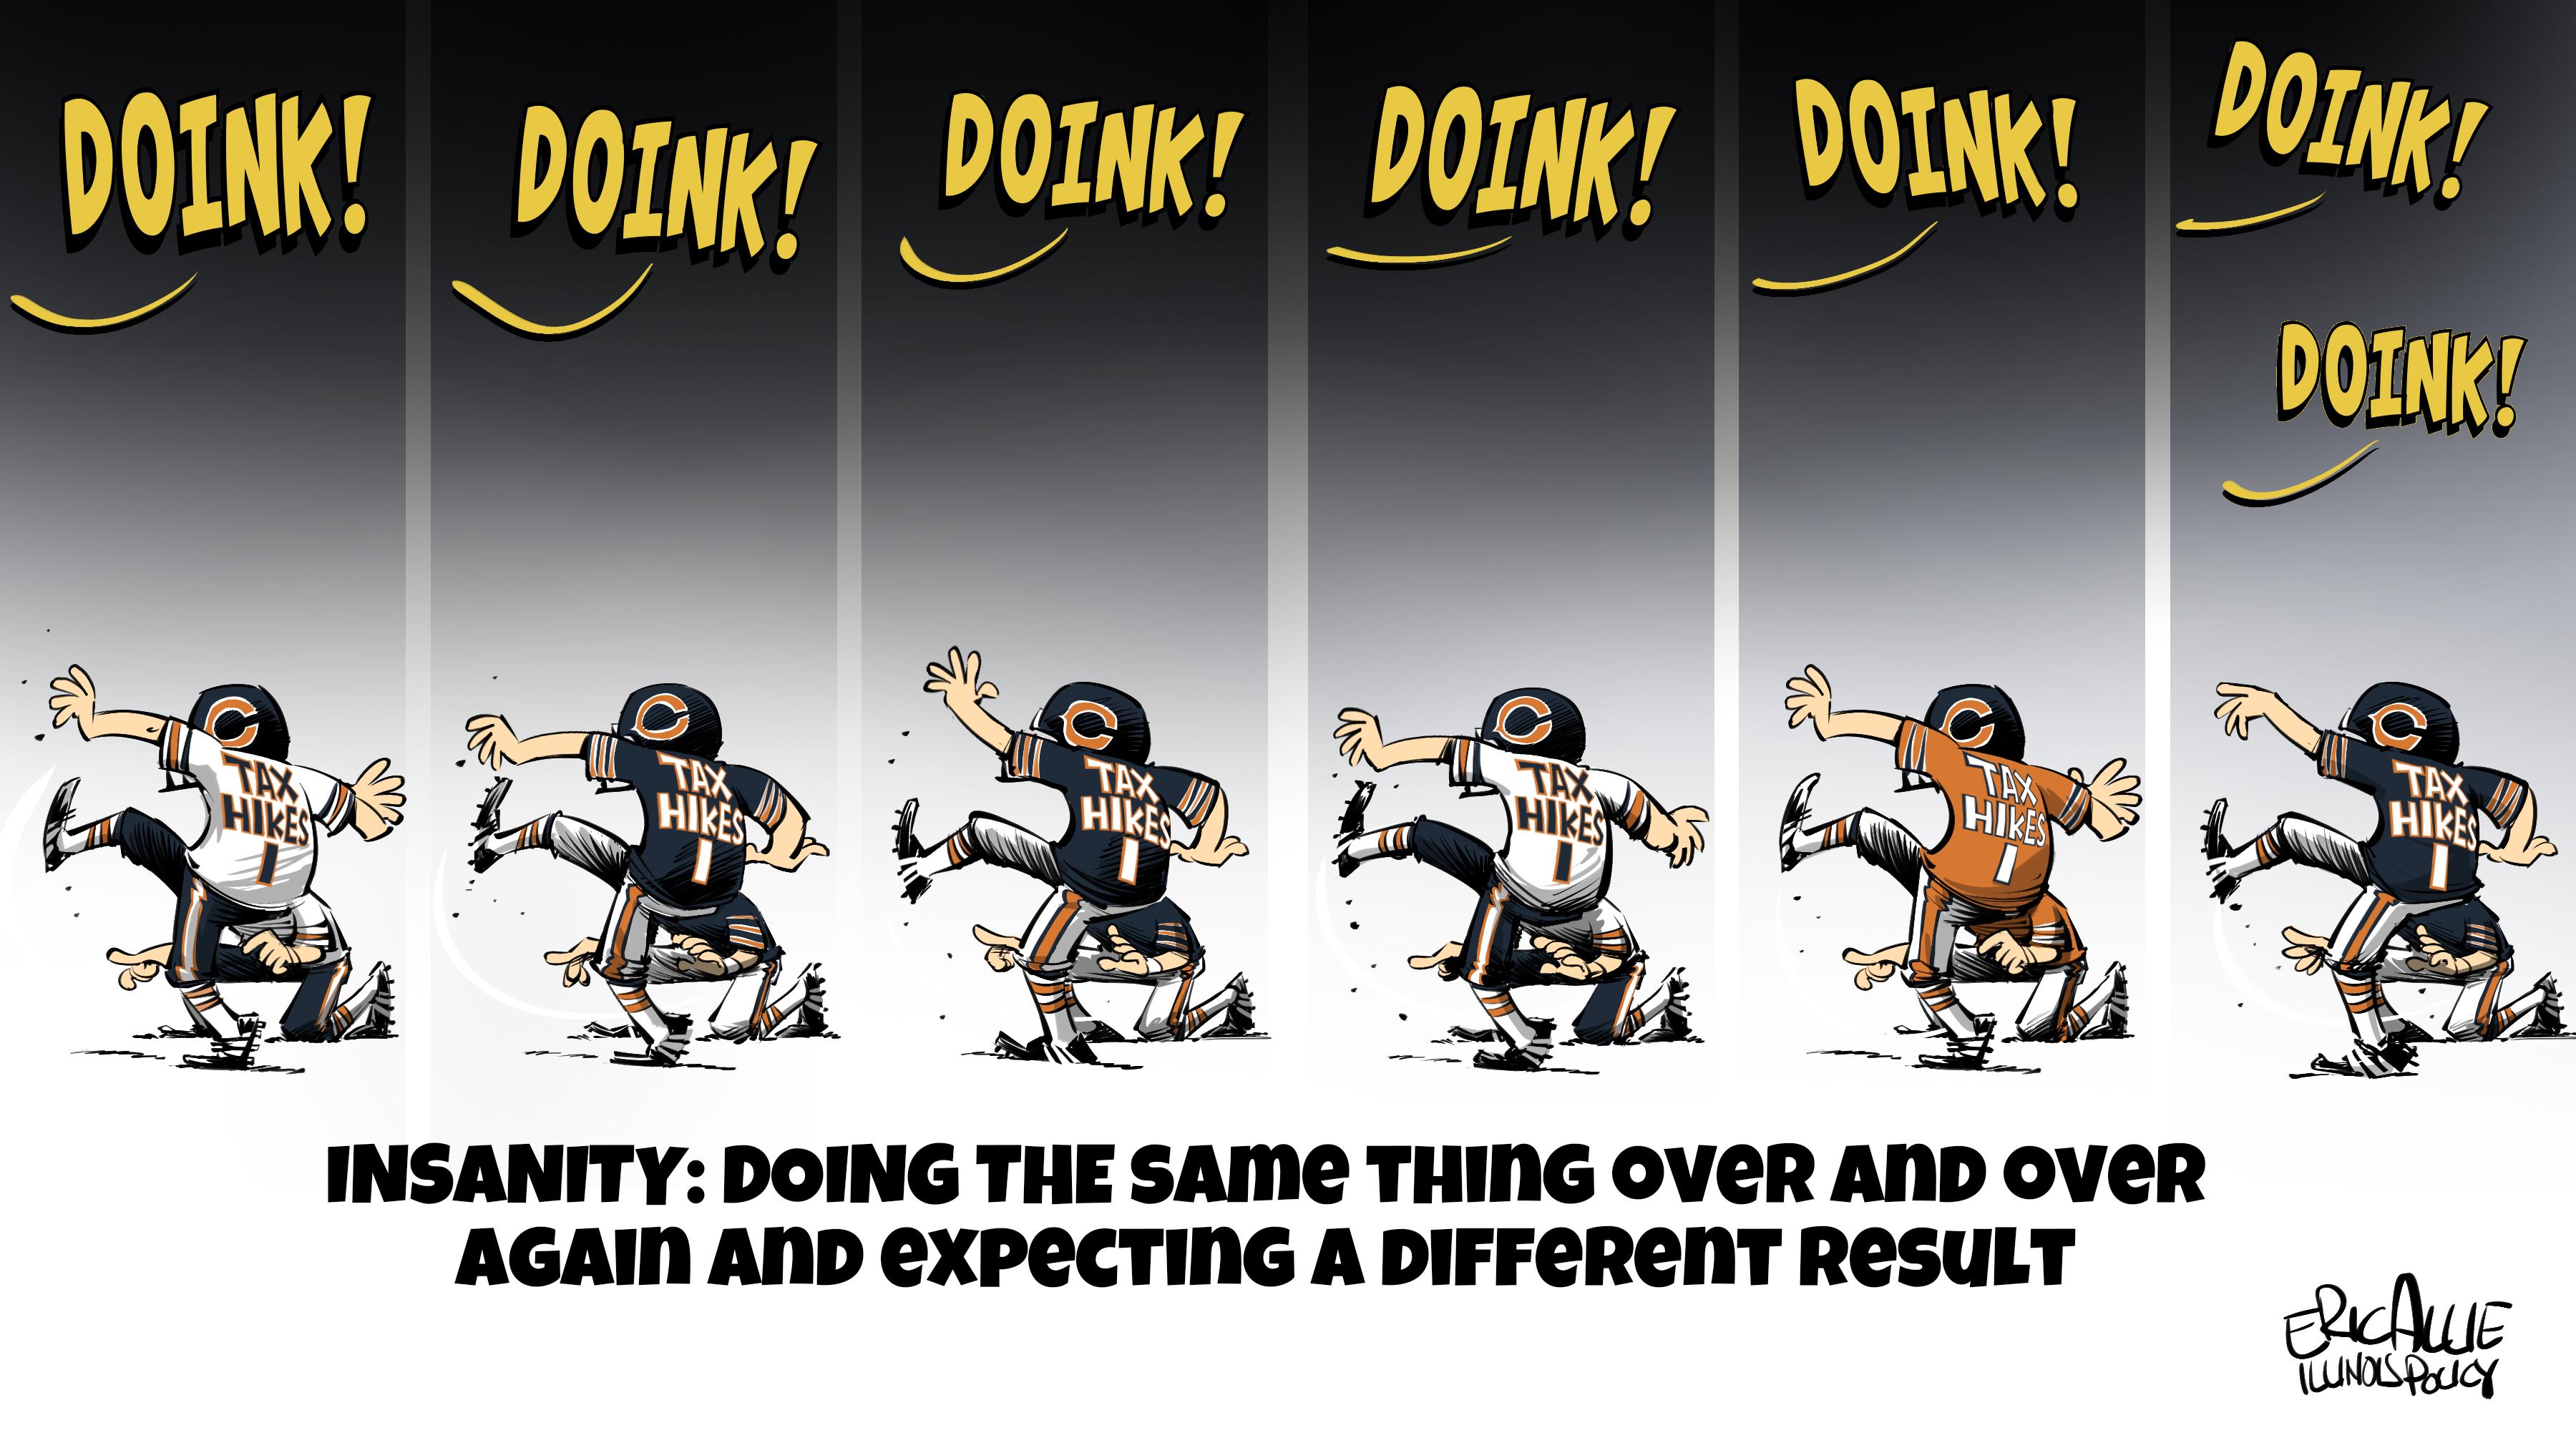 Tax hikes: doink